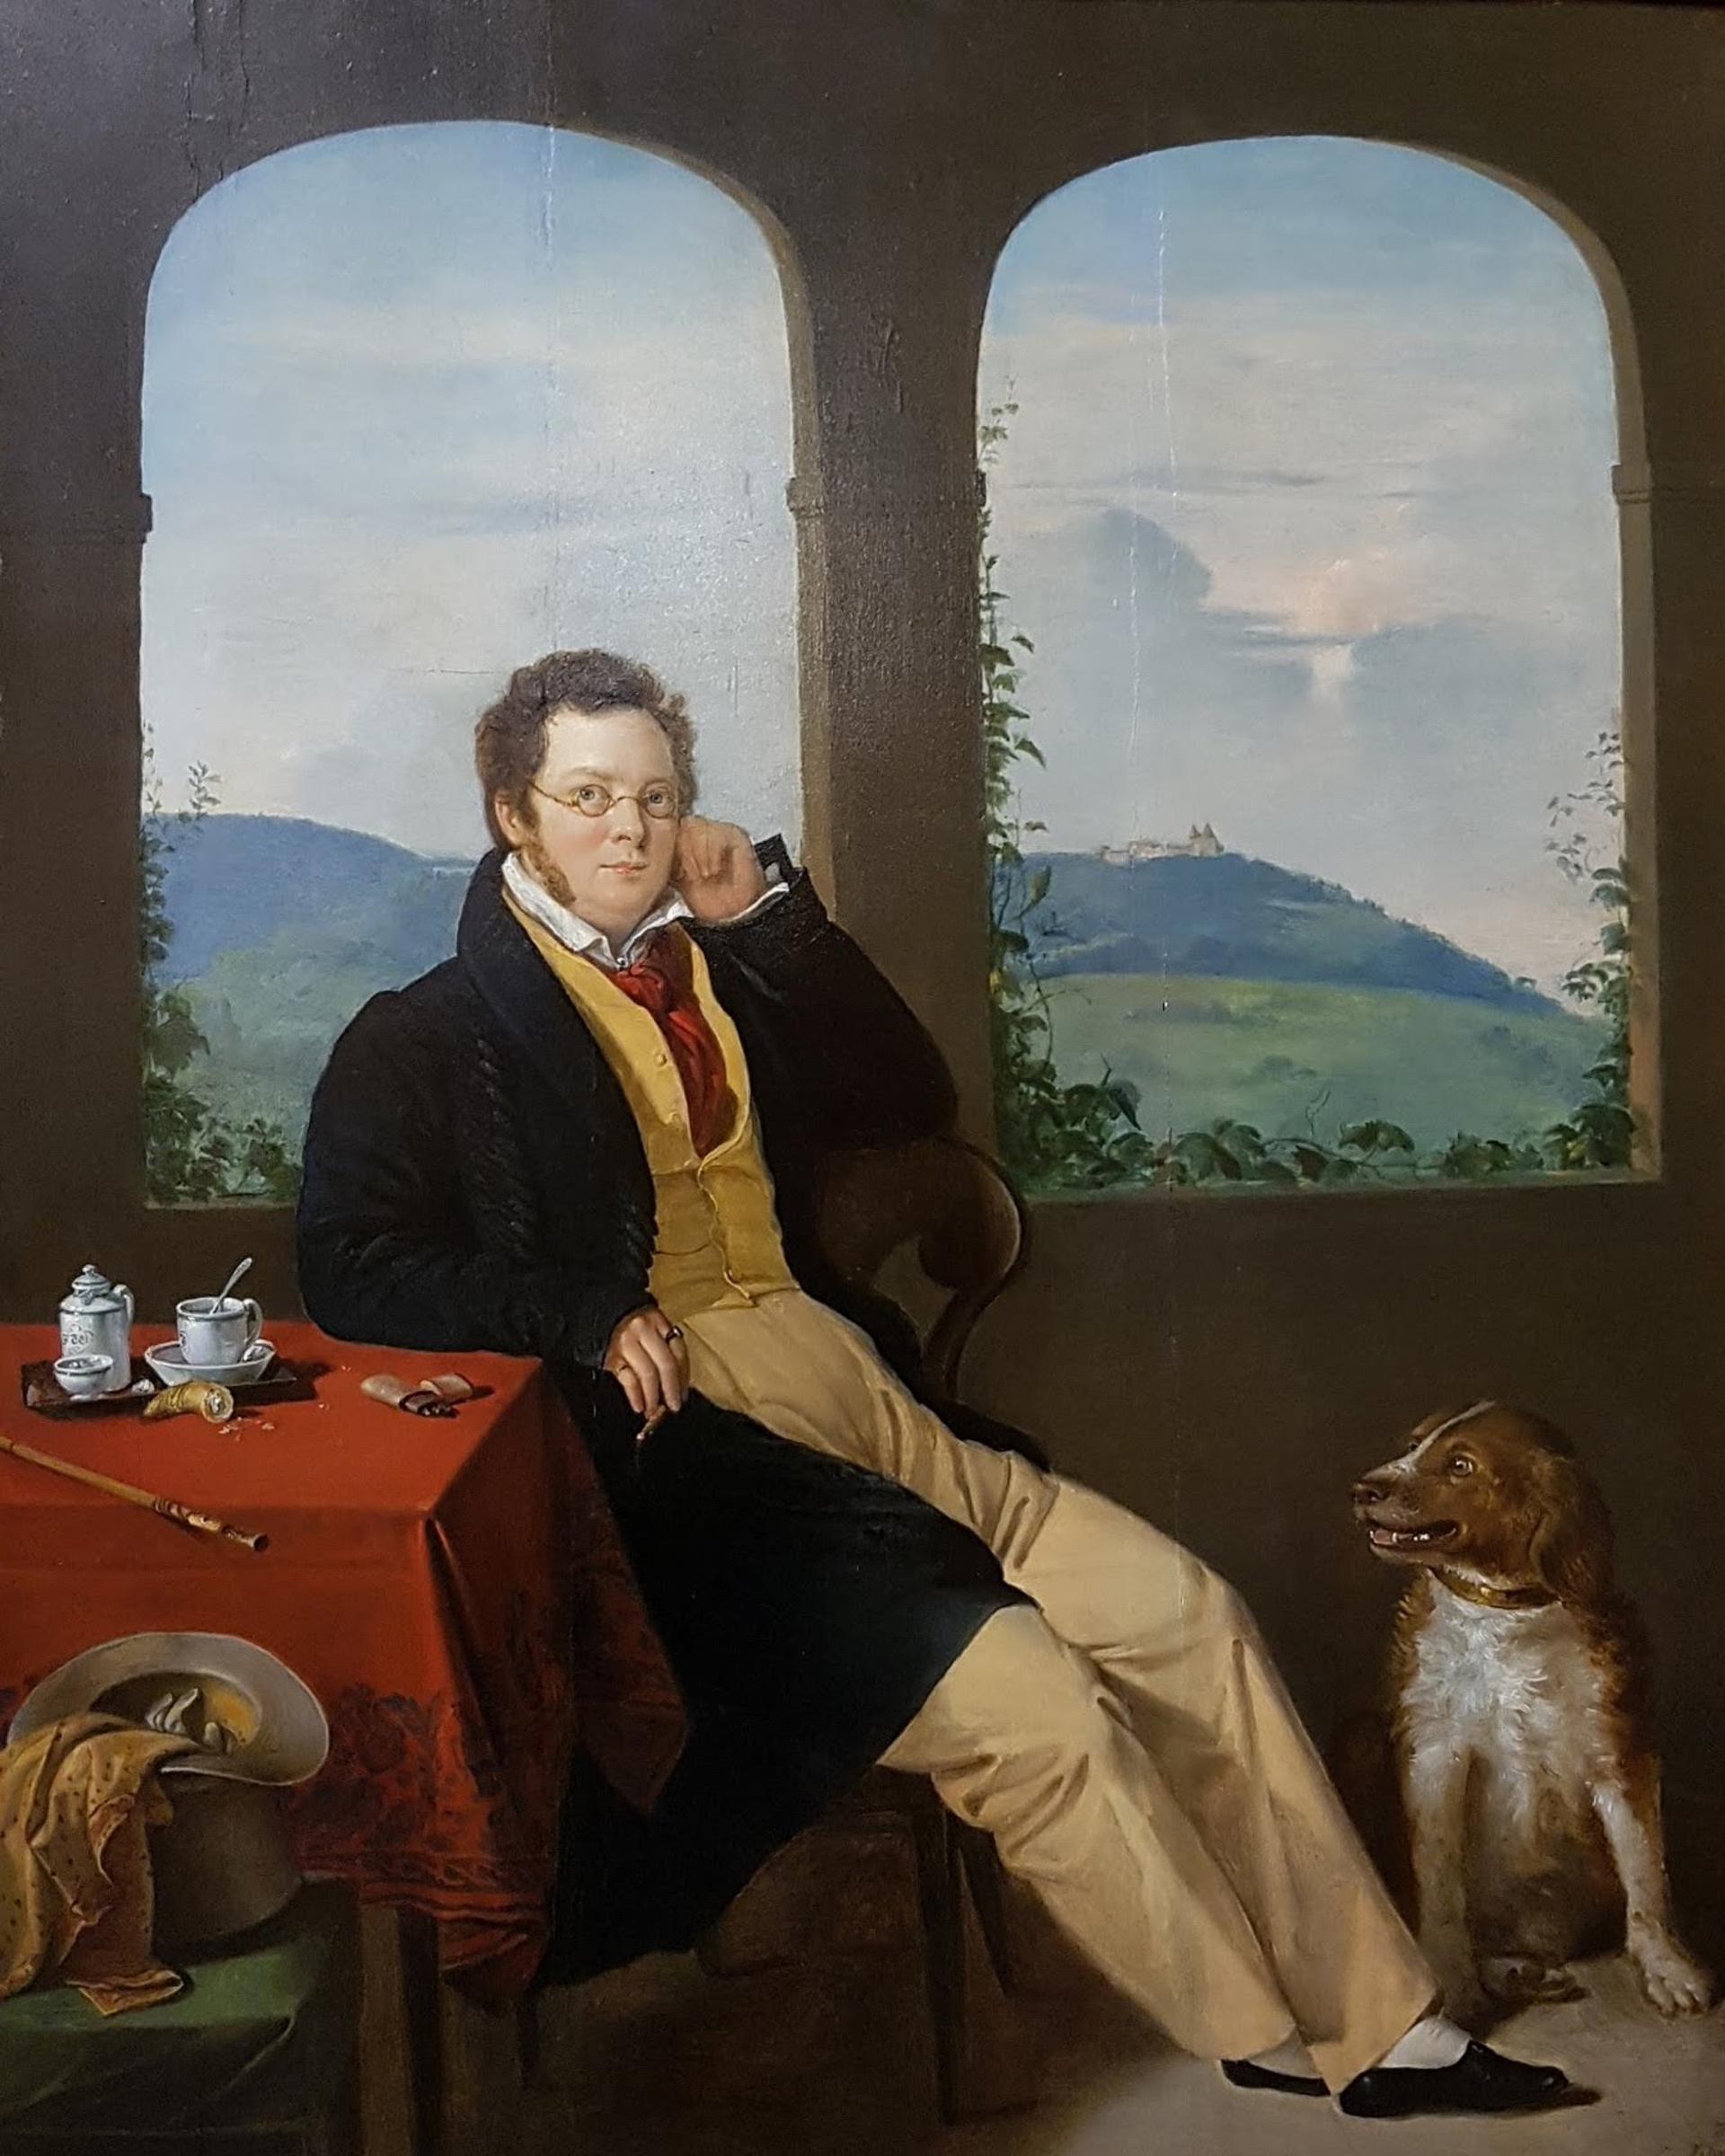 Retrato de Franz Schubert por Gábor Melegh (1827)